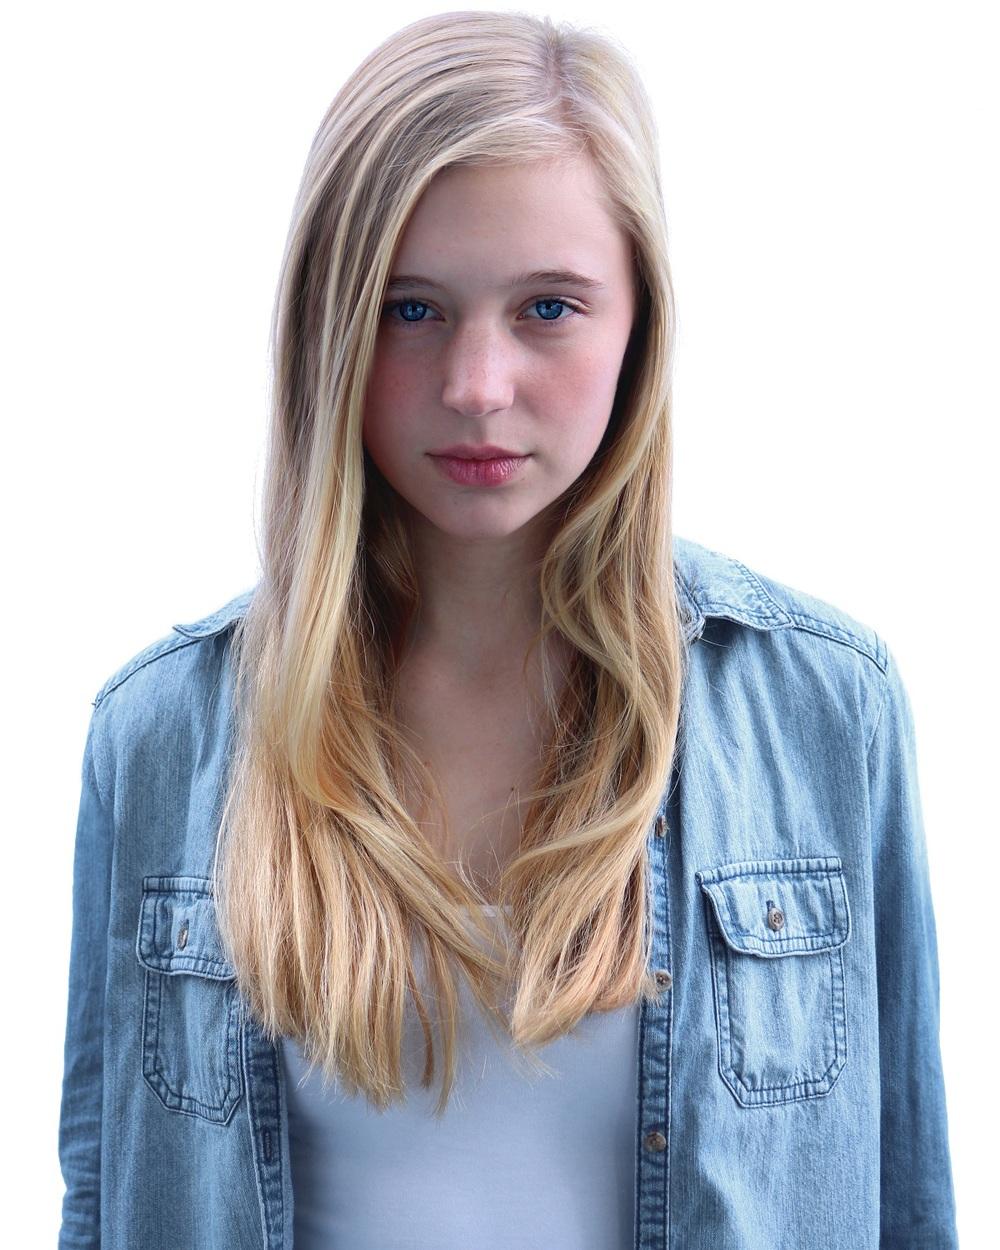 Jessica Flaum by Breanna Baker 7 web.jpg